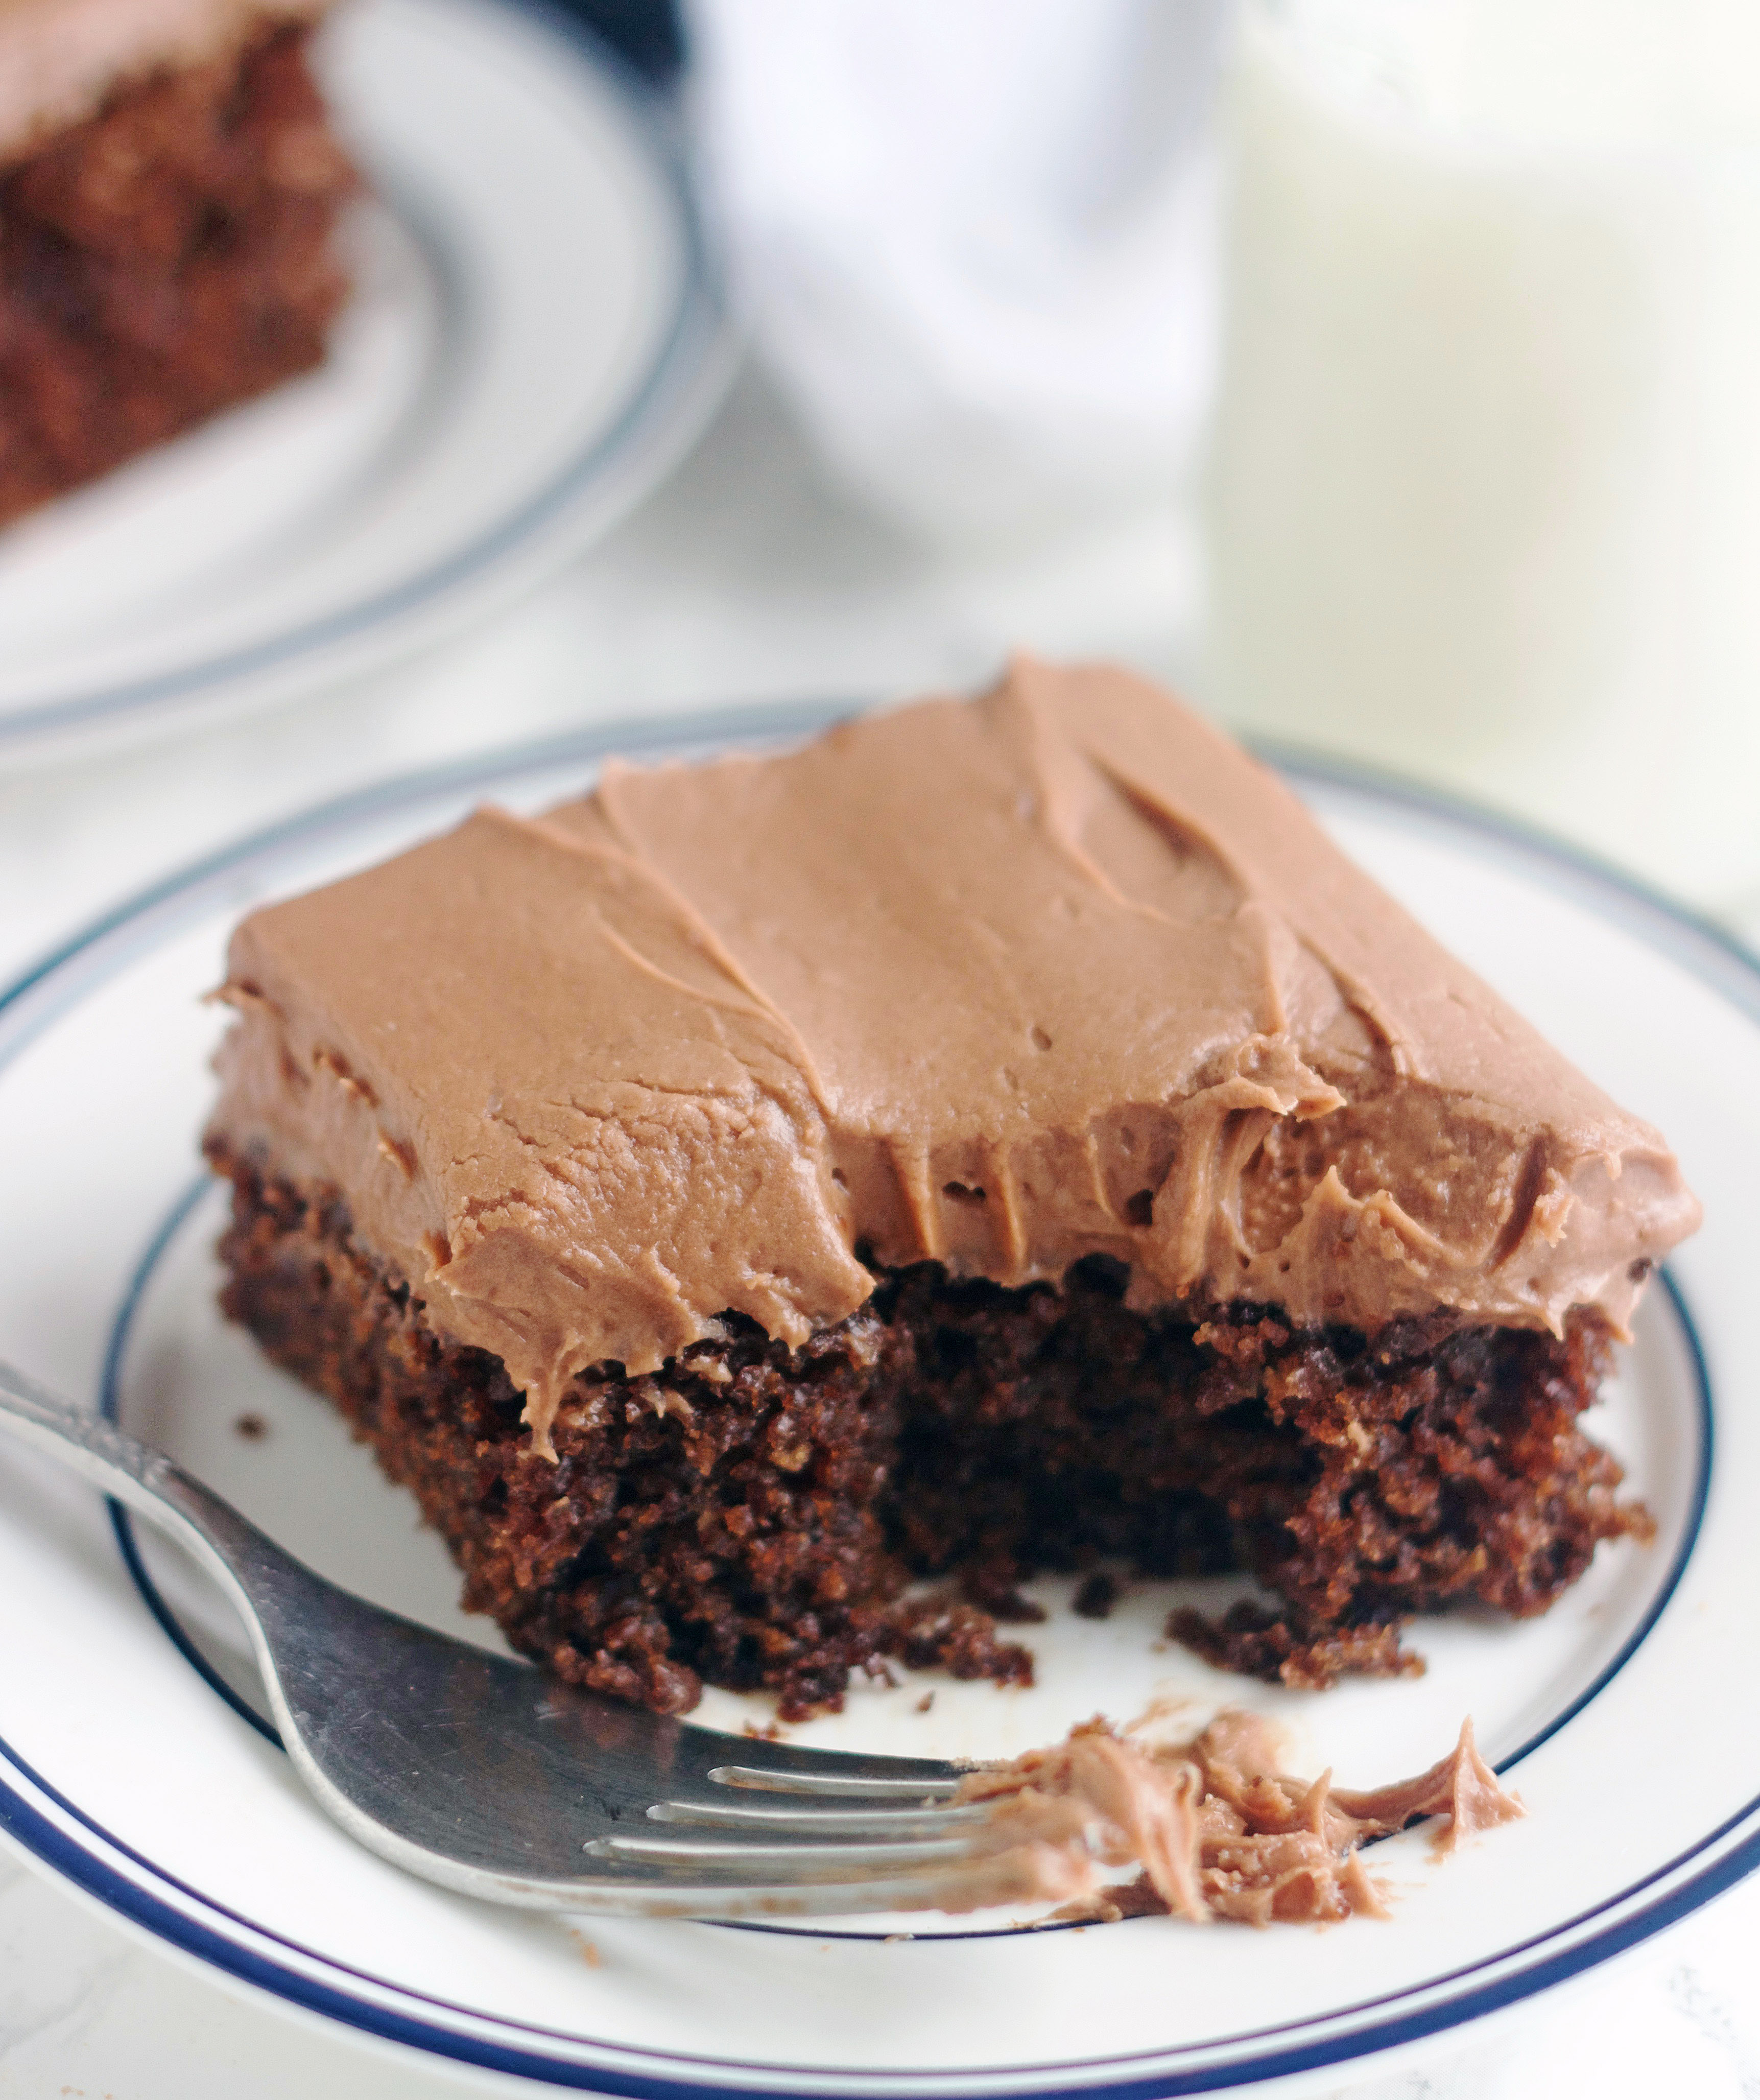 Chocolate Dump It Cake 5 Boys Baker